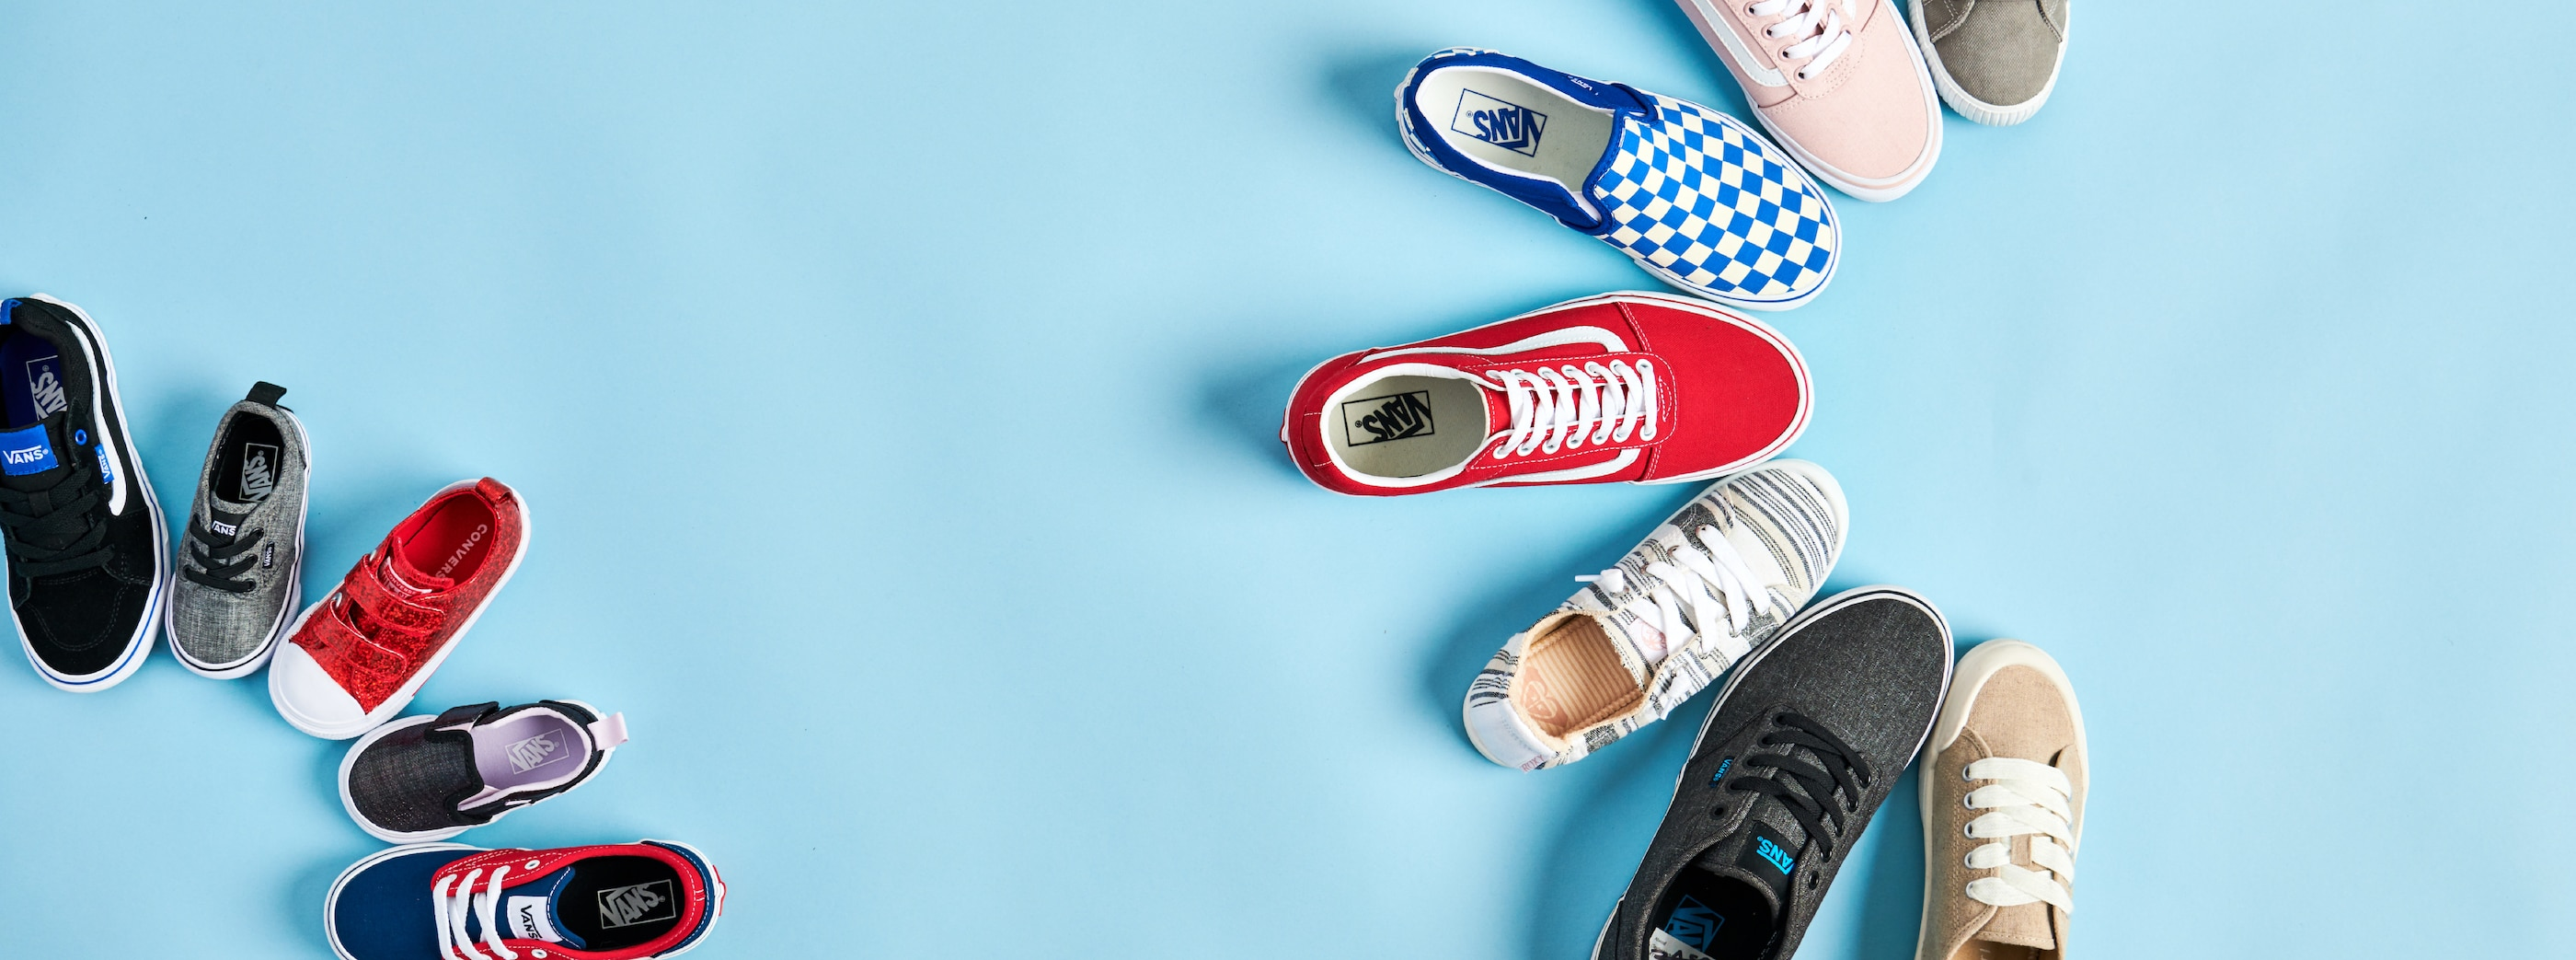 d1916f3247e40e Shoes